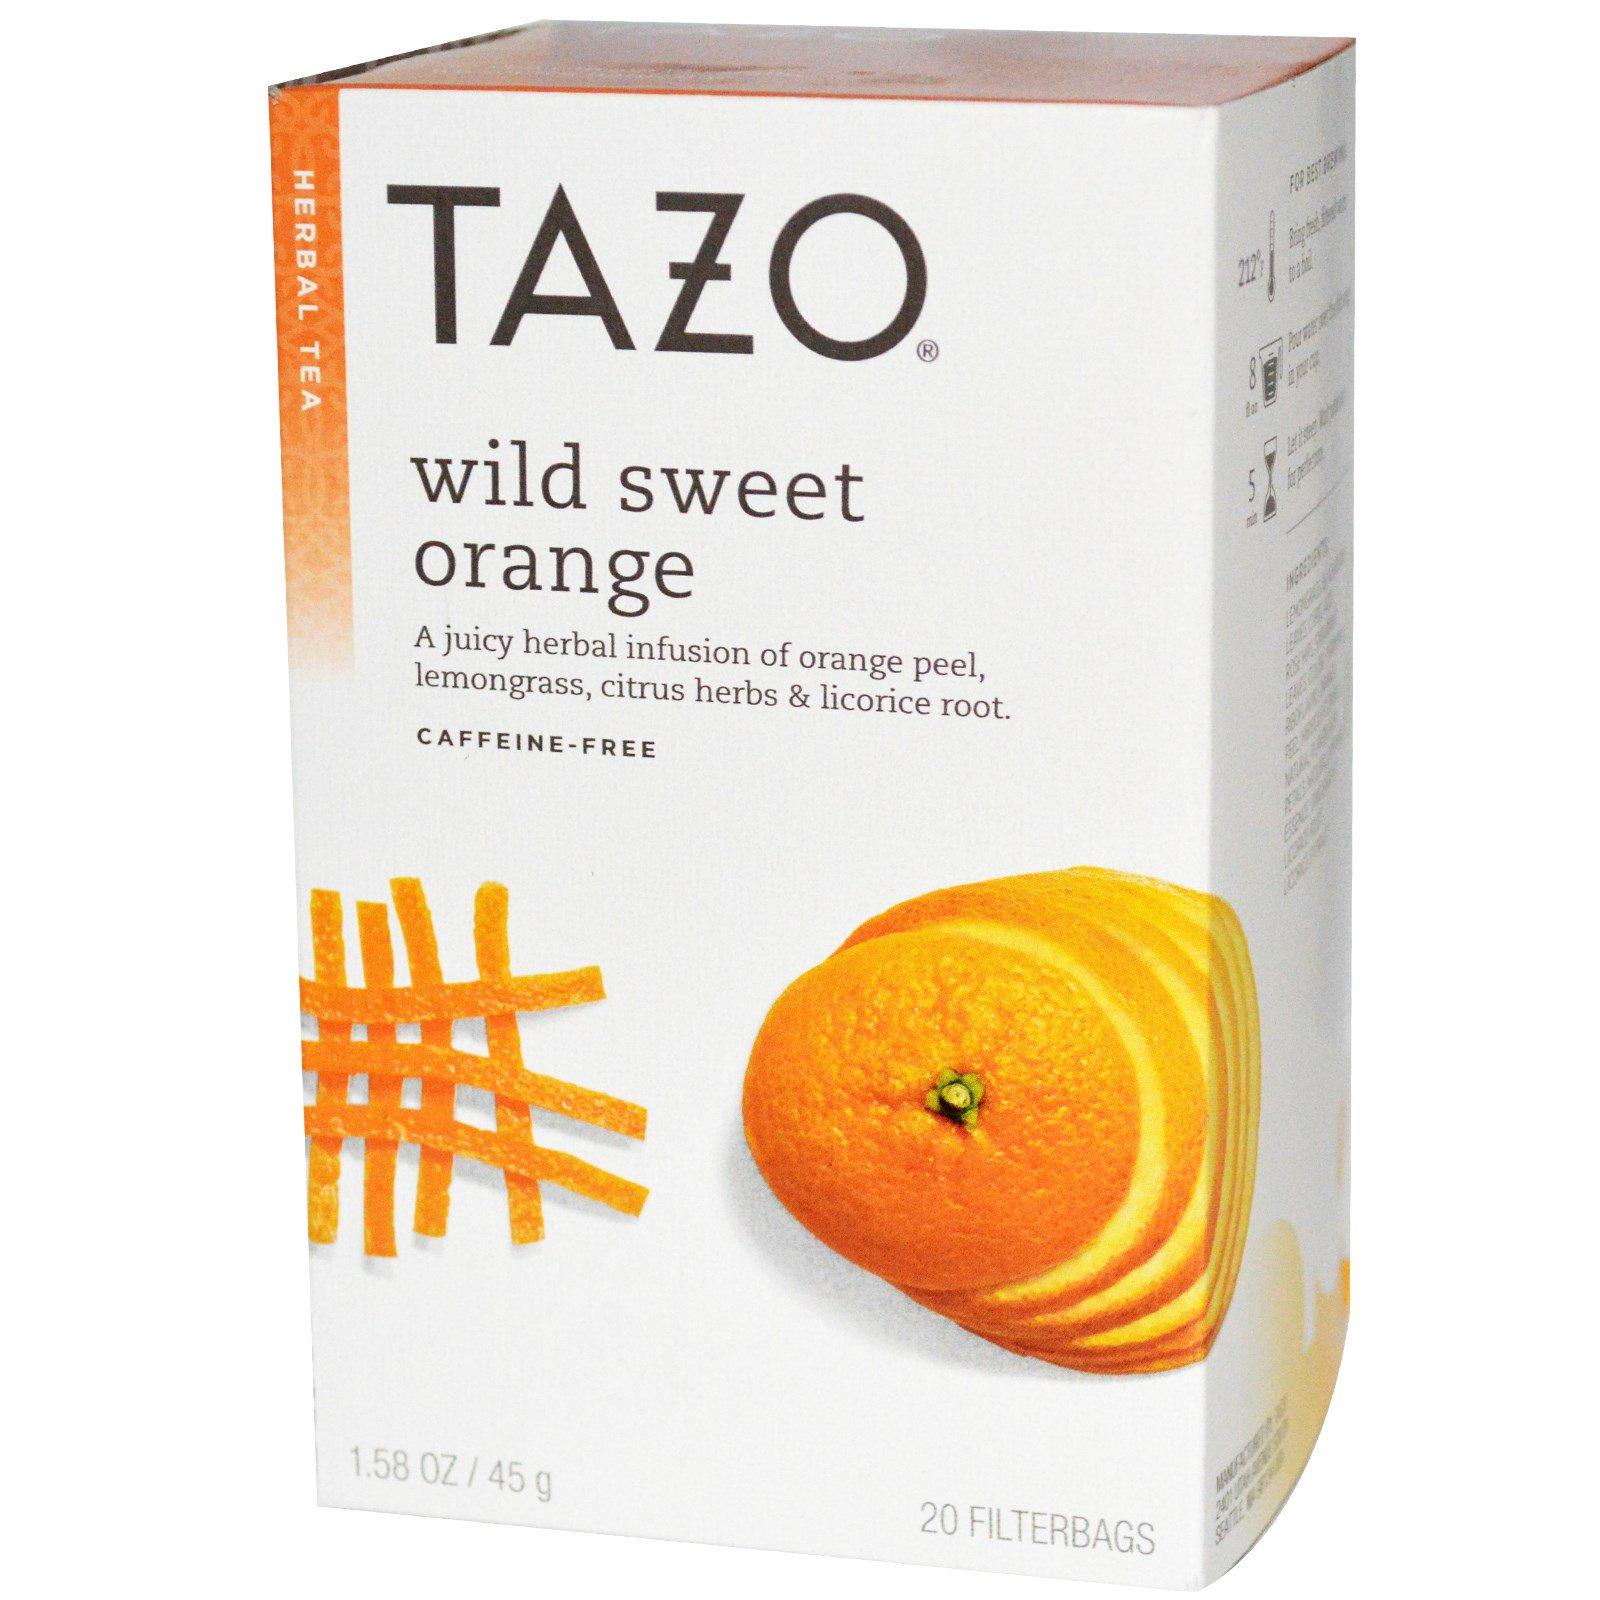 TAZO Tea Bags | Tea-bags